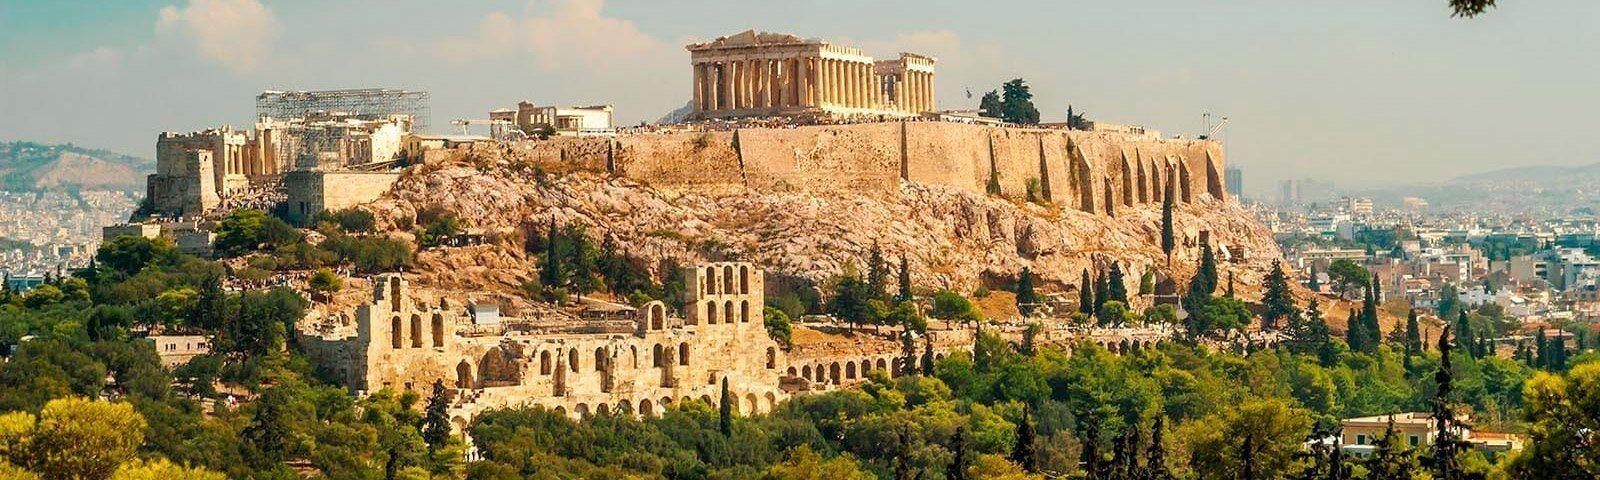 viaje-grecia-velero-acropolis